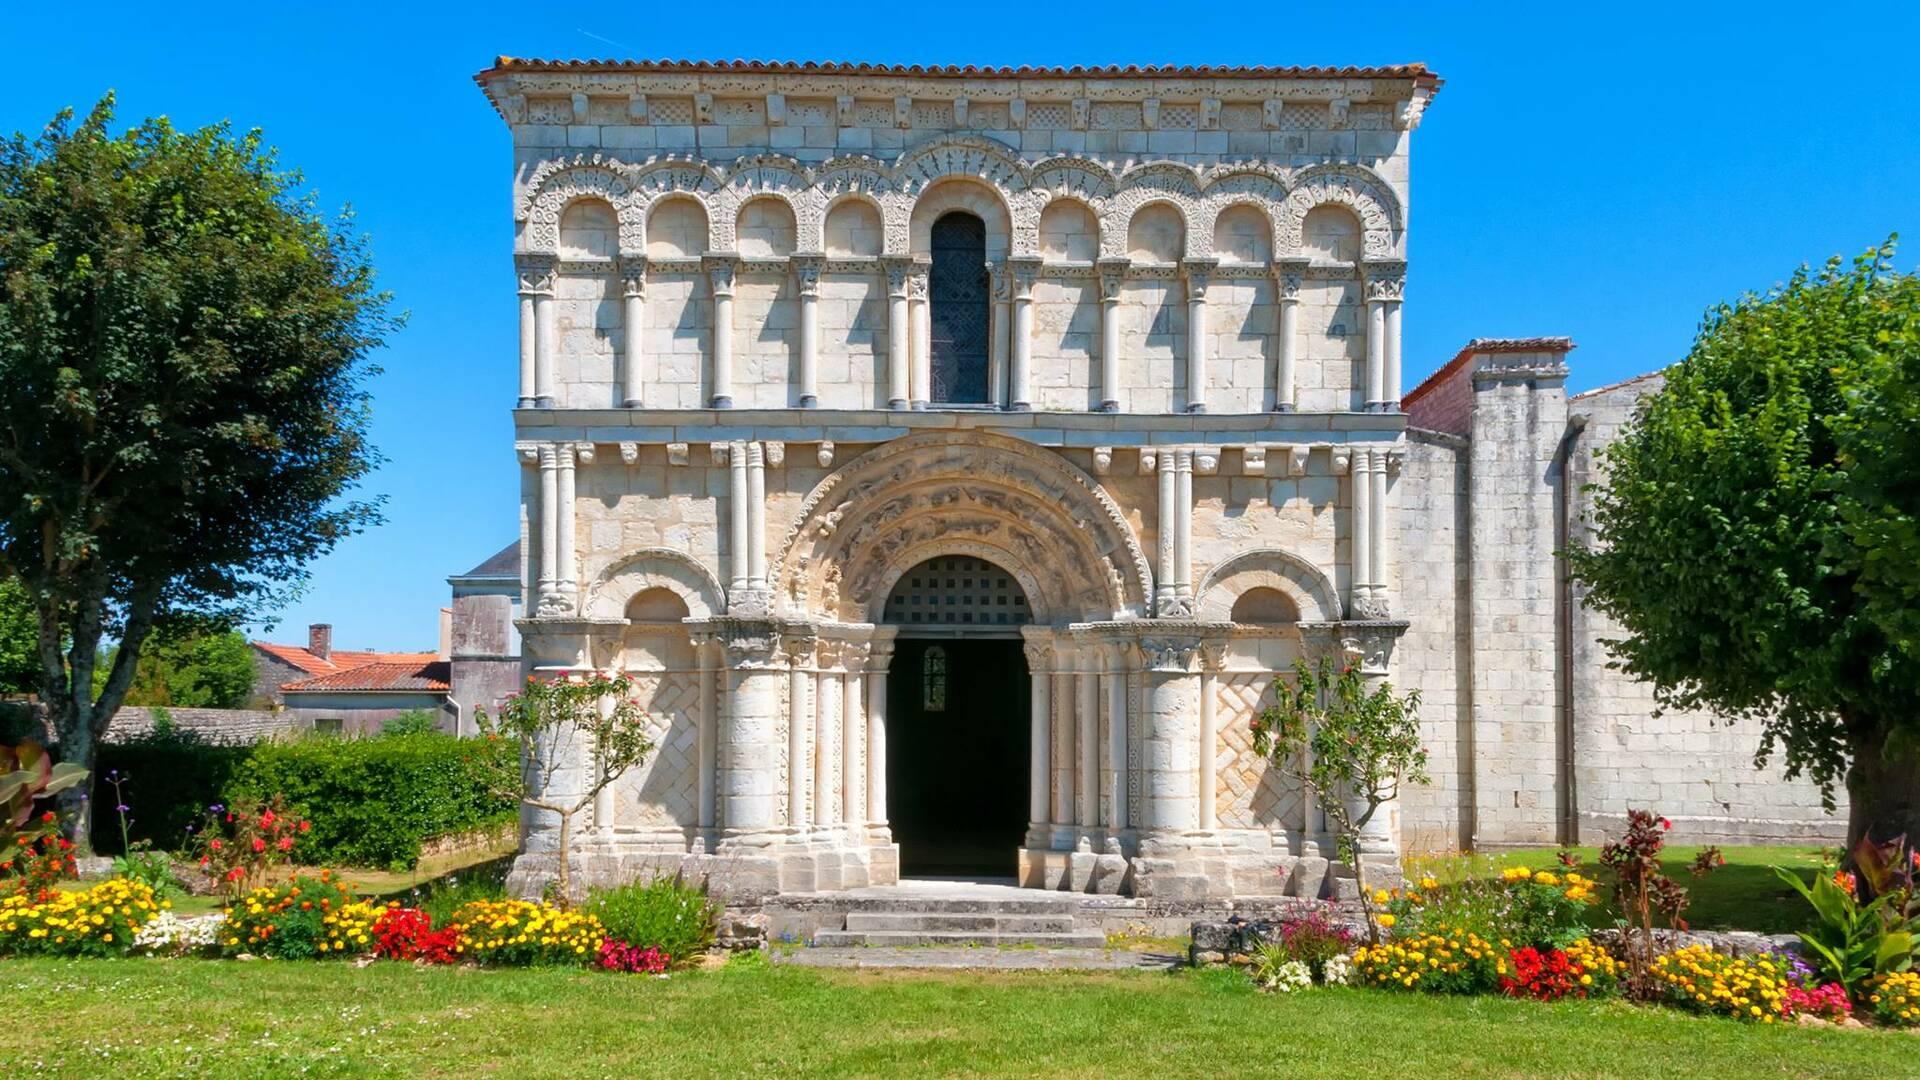 L'église romane Notre Dame de l'Assomption à Échillais - © Vincent Edwell